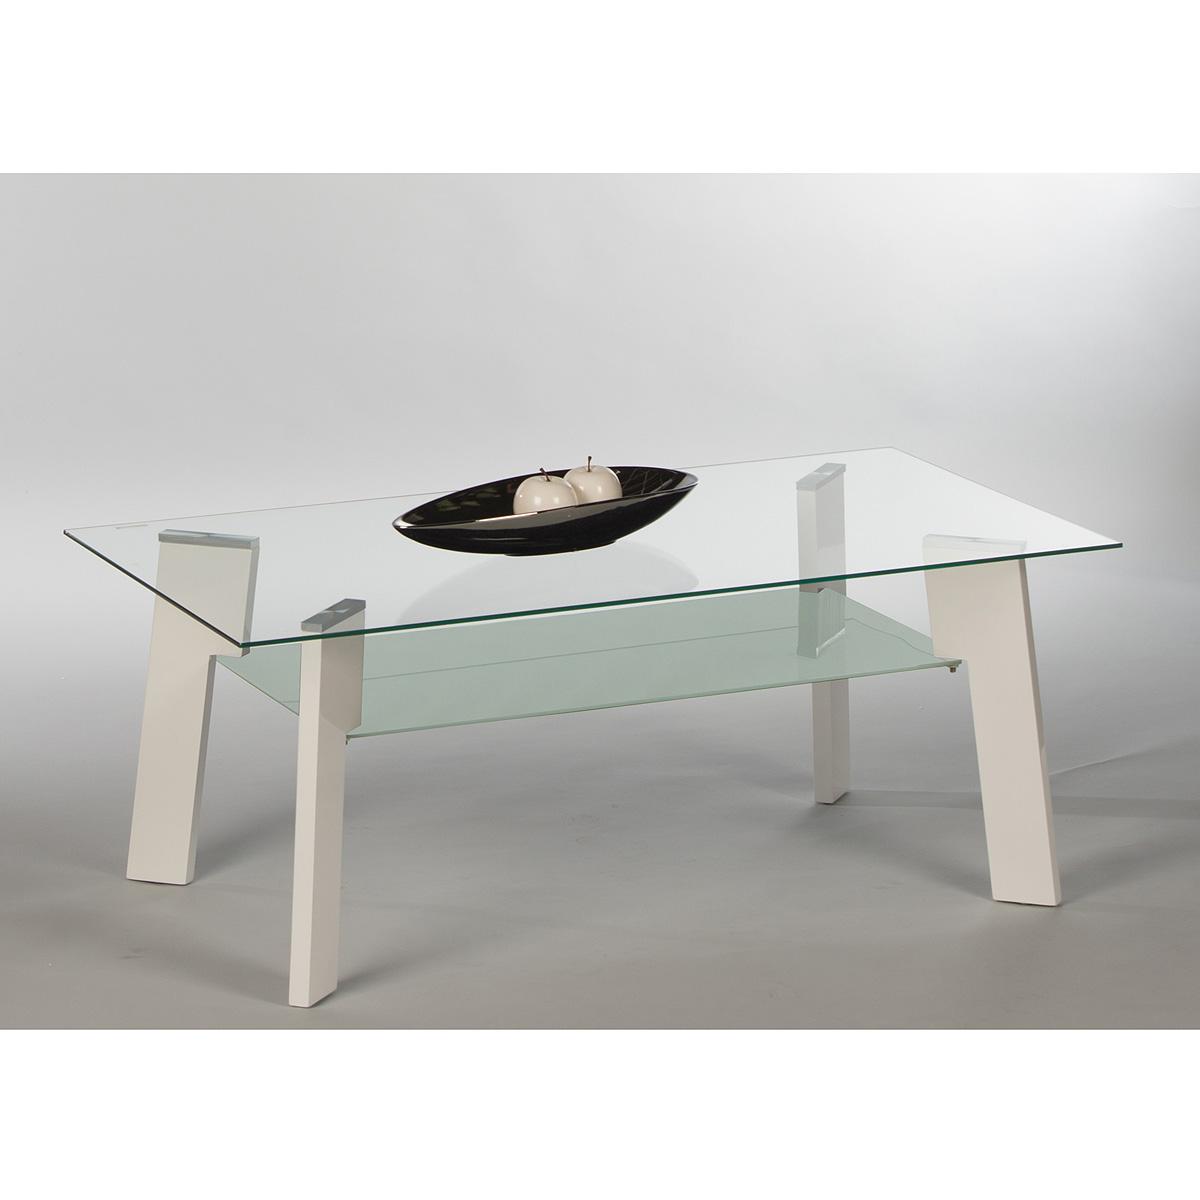 Couchtisch Johnny Beistelltisch Wohnzimmertisch Tisch Glas weiß ...